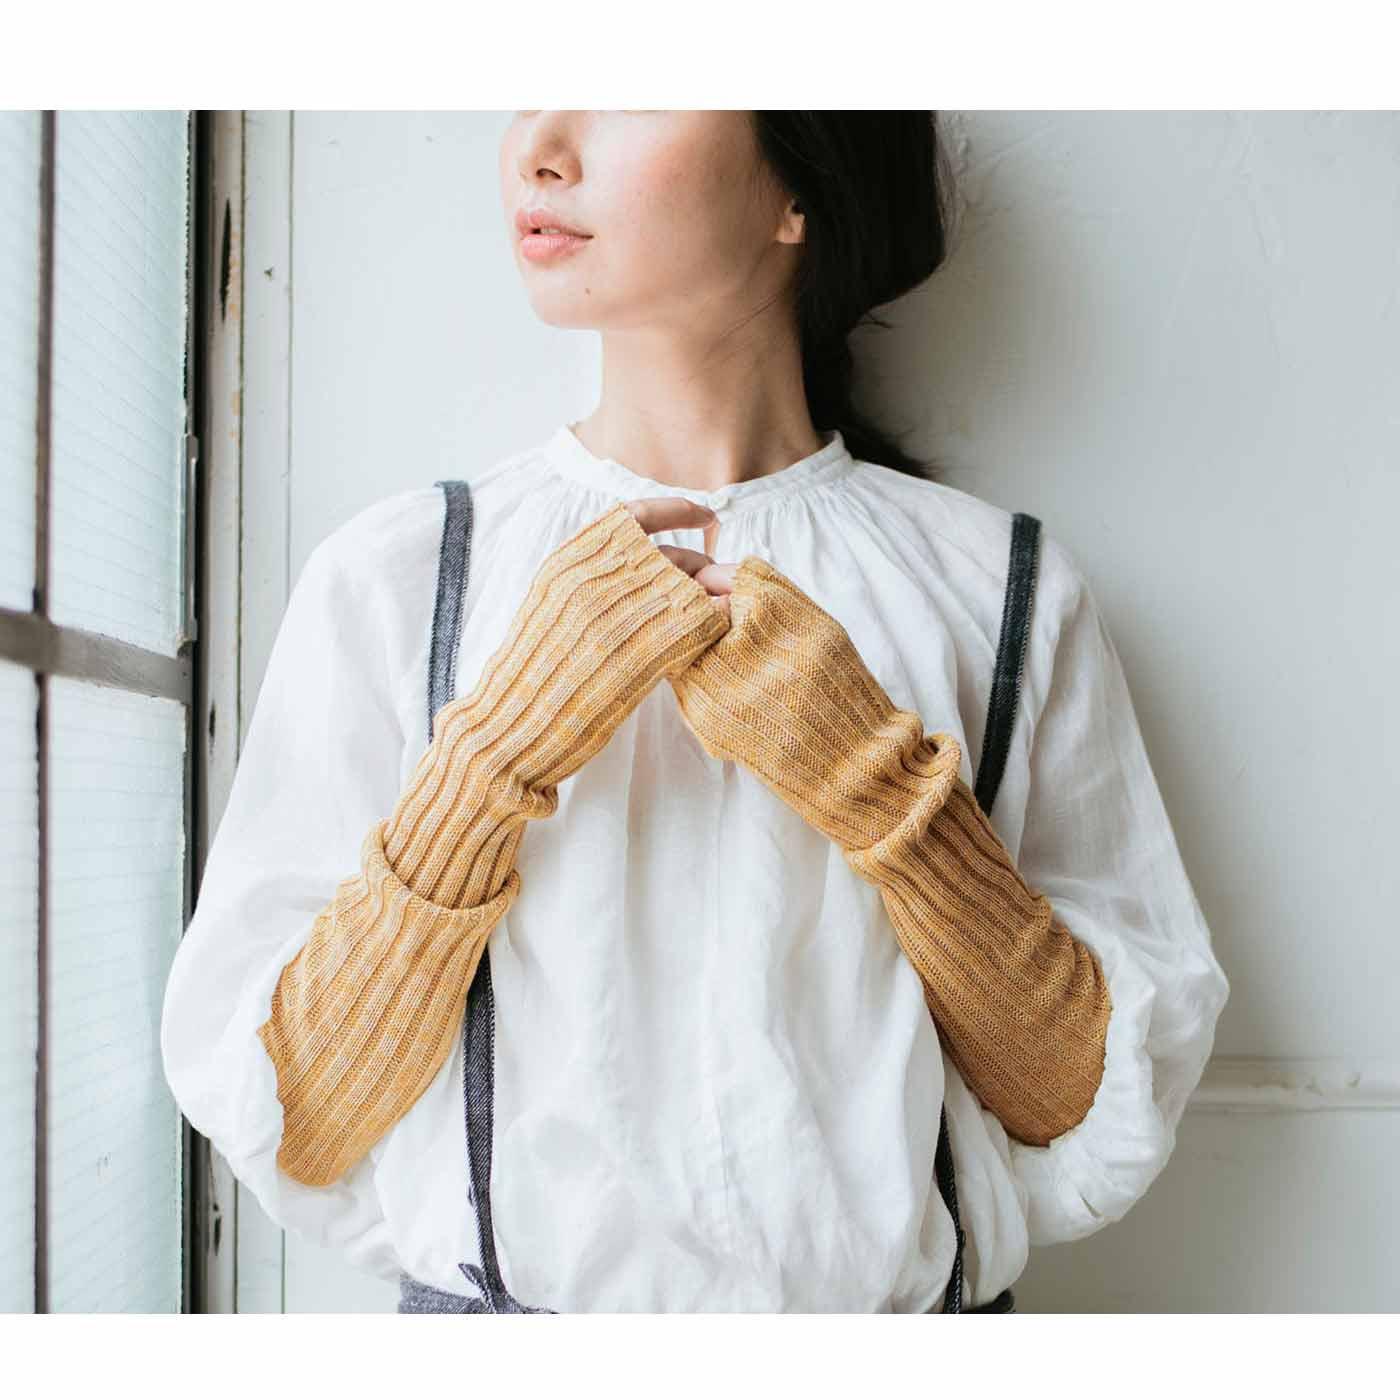 肌当たりもやわらかな綿混のリブ編みで二の腕までカバーする長め丈。